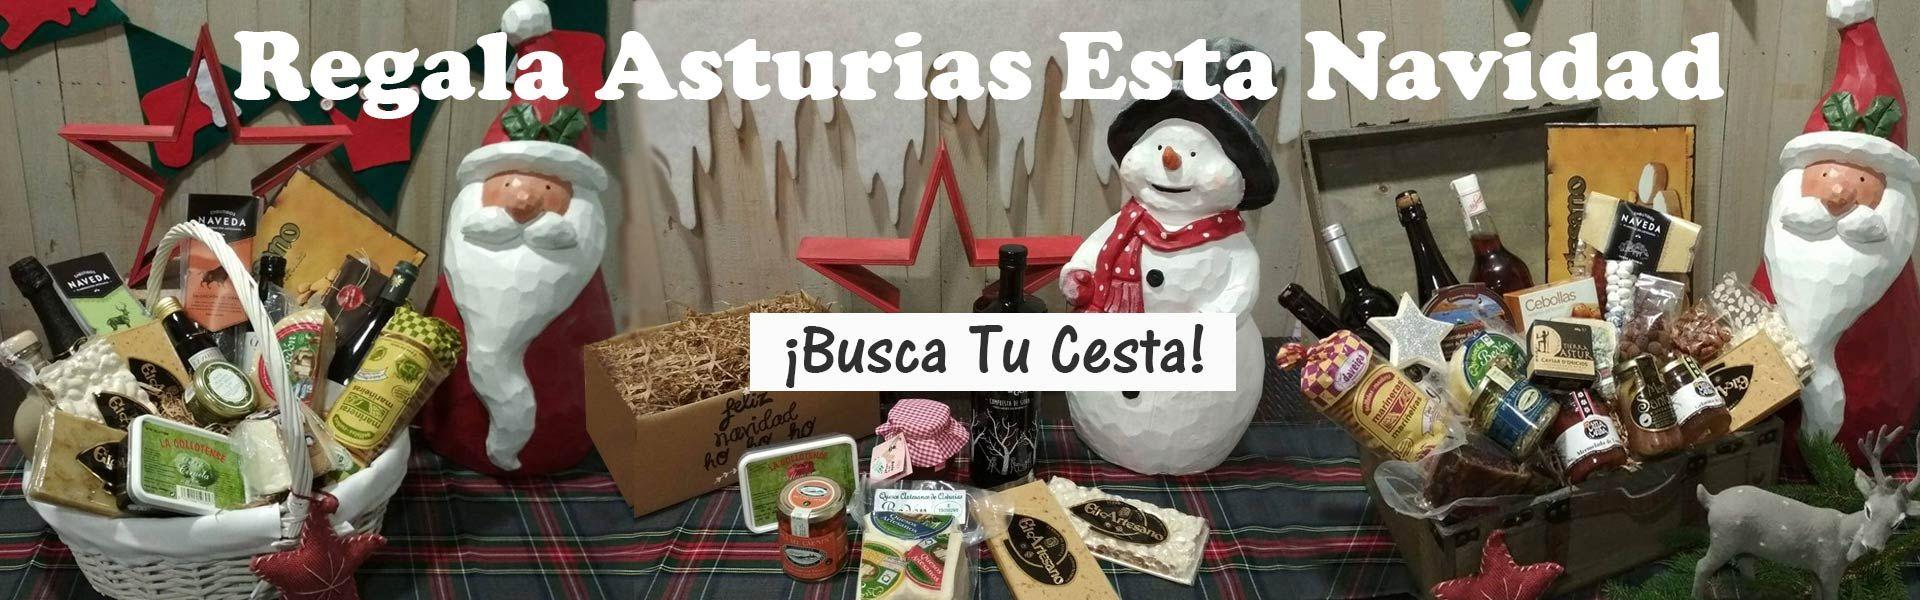 Cestas Navidad - Productos Asturianos Navidad